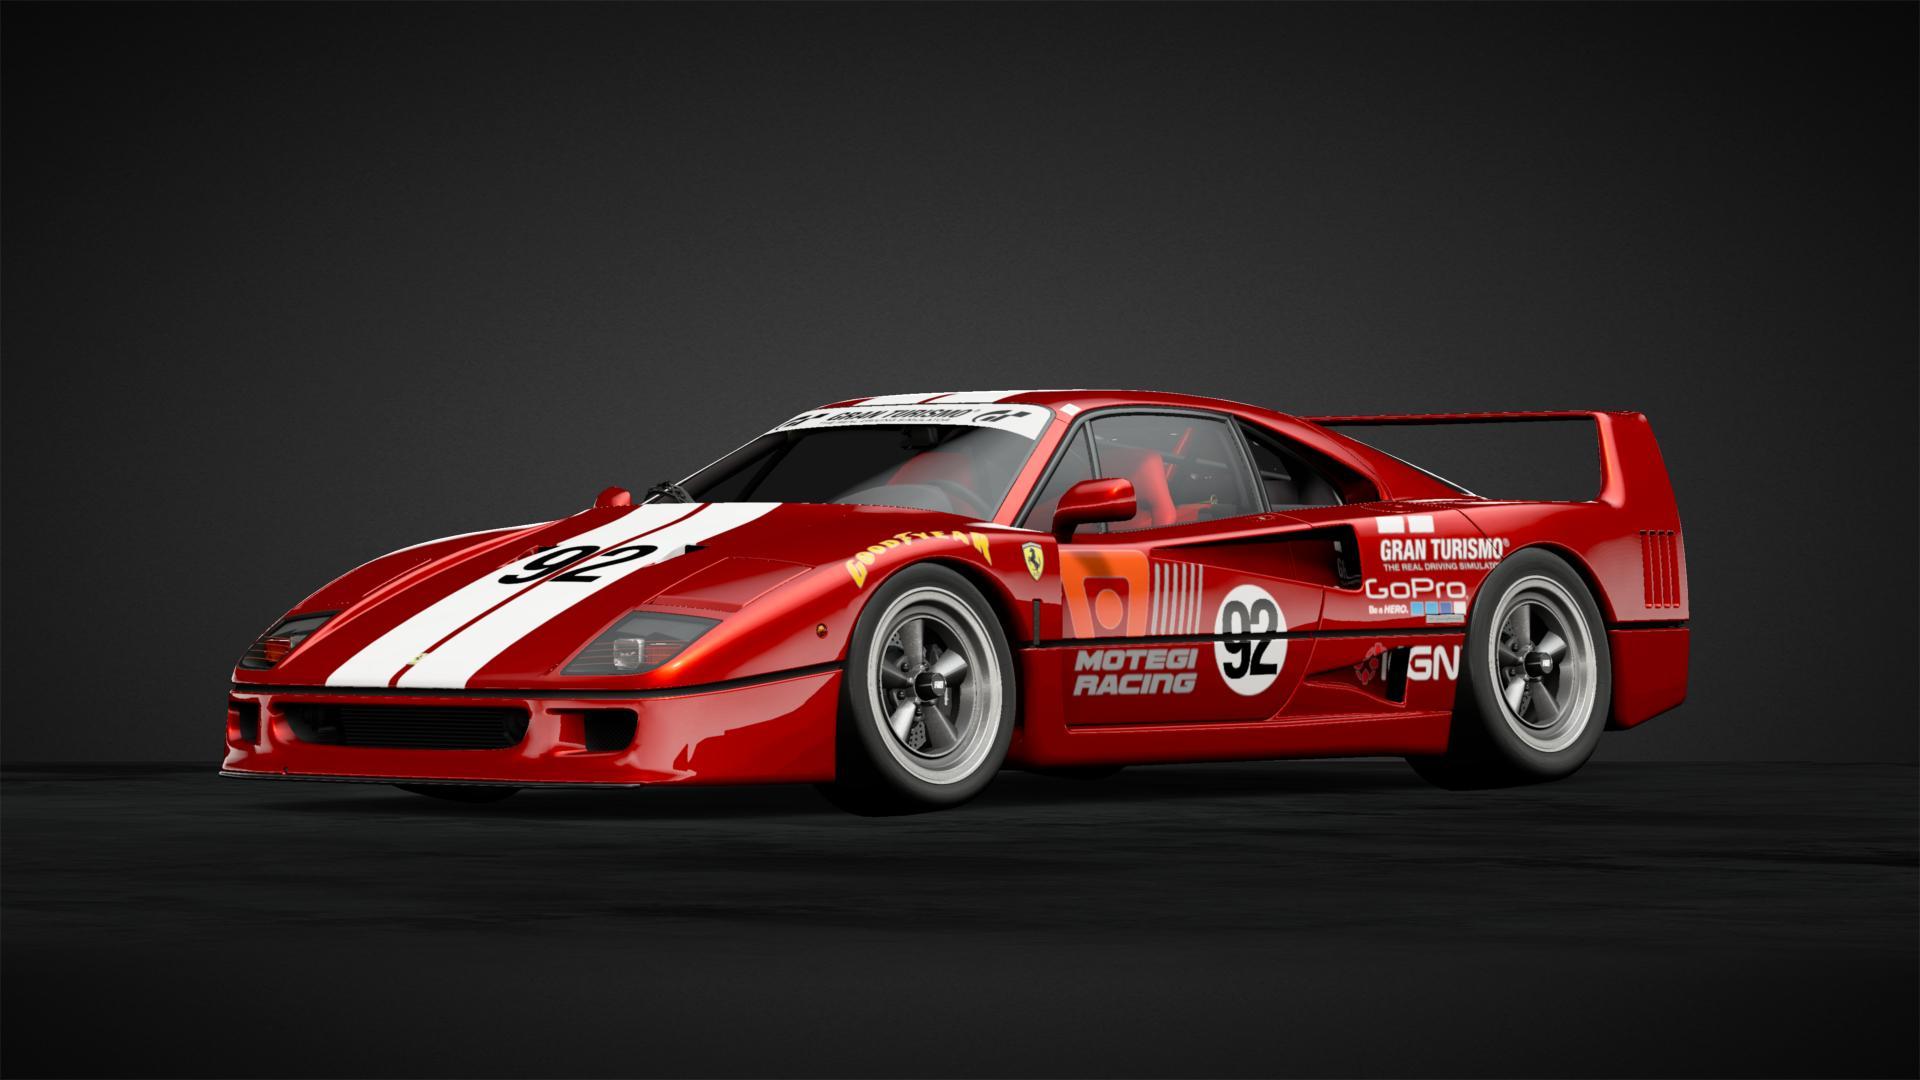 92 Ferrari F40 1992 Lm Road Car Car Livery By Loganator2607 Community Gran Turismo Sport